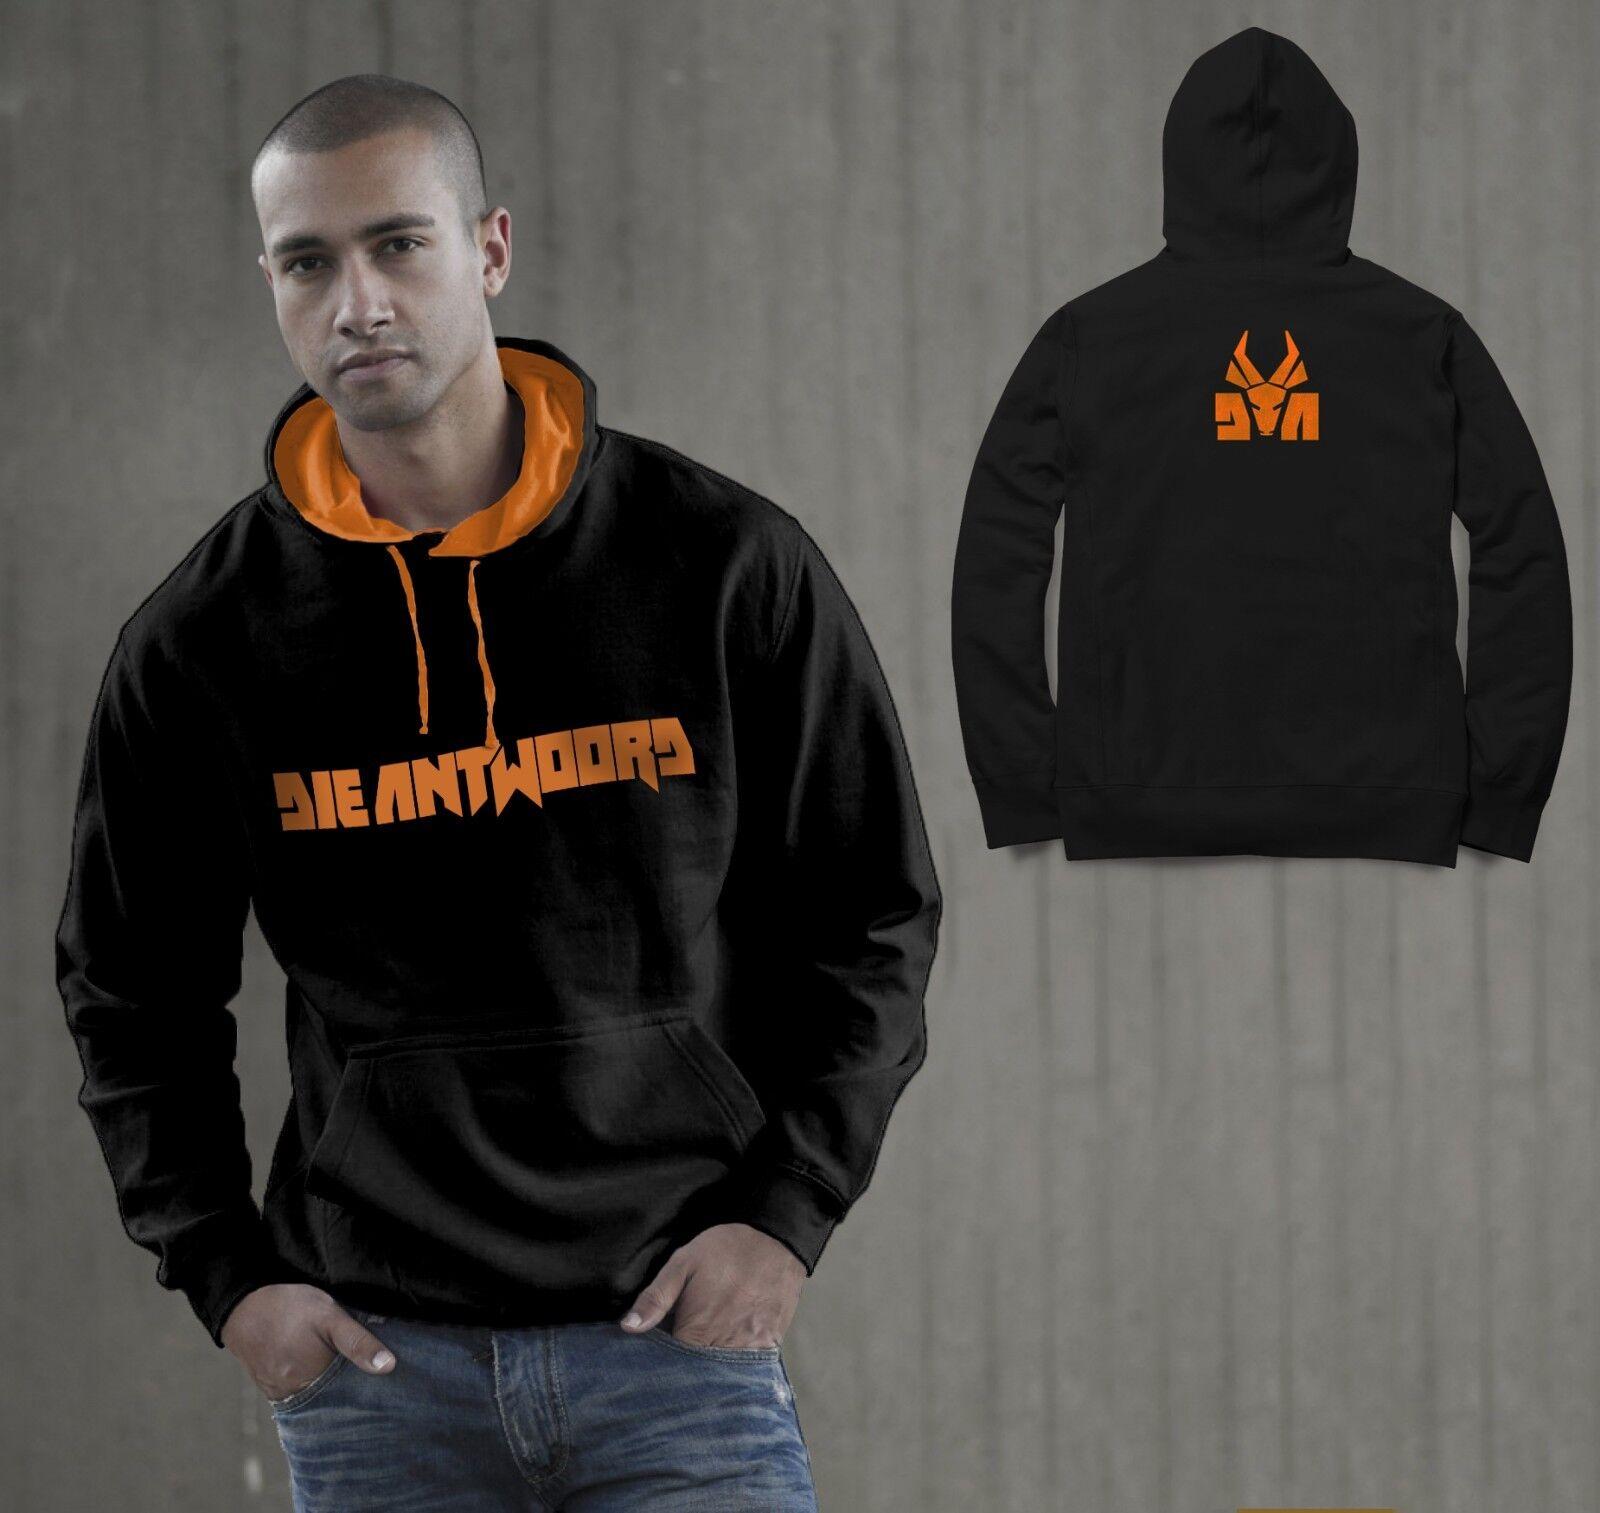 Die Antwoord 20 hoodie Yo Ninja Boy UGLY BOY 100/% microfiber full print PB